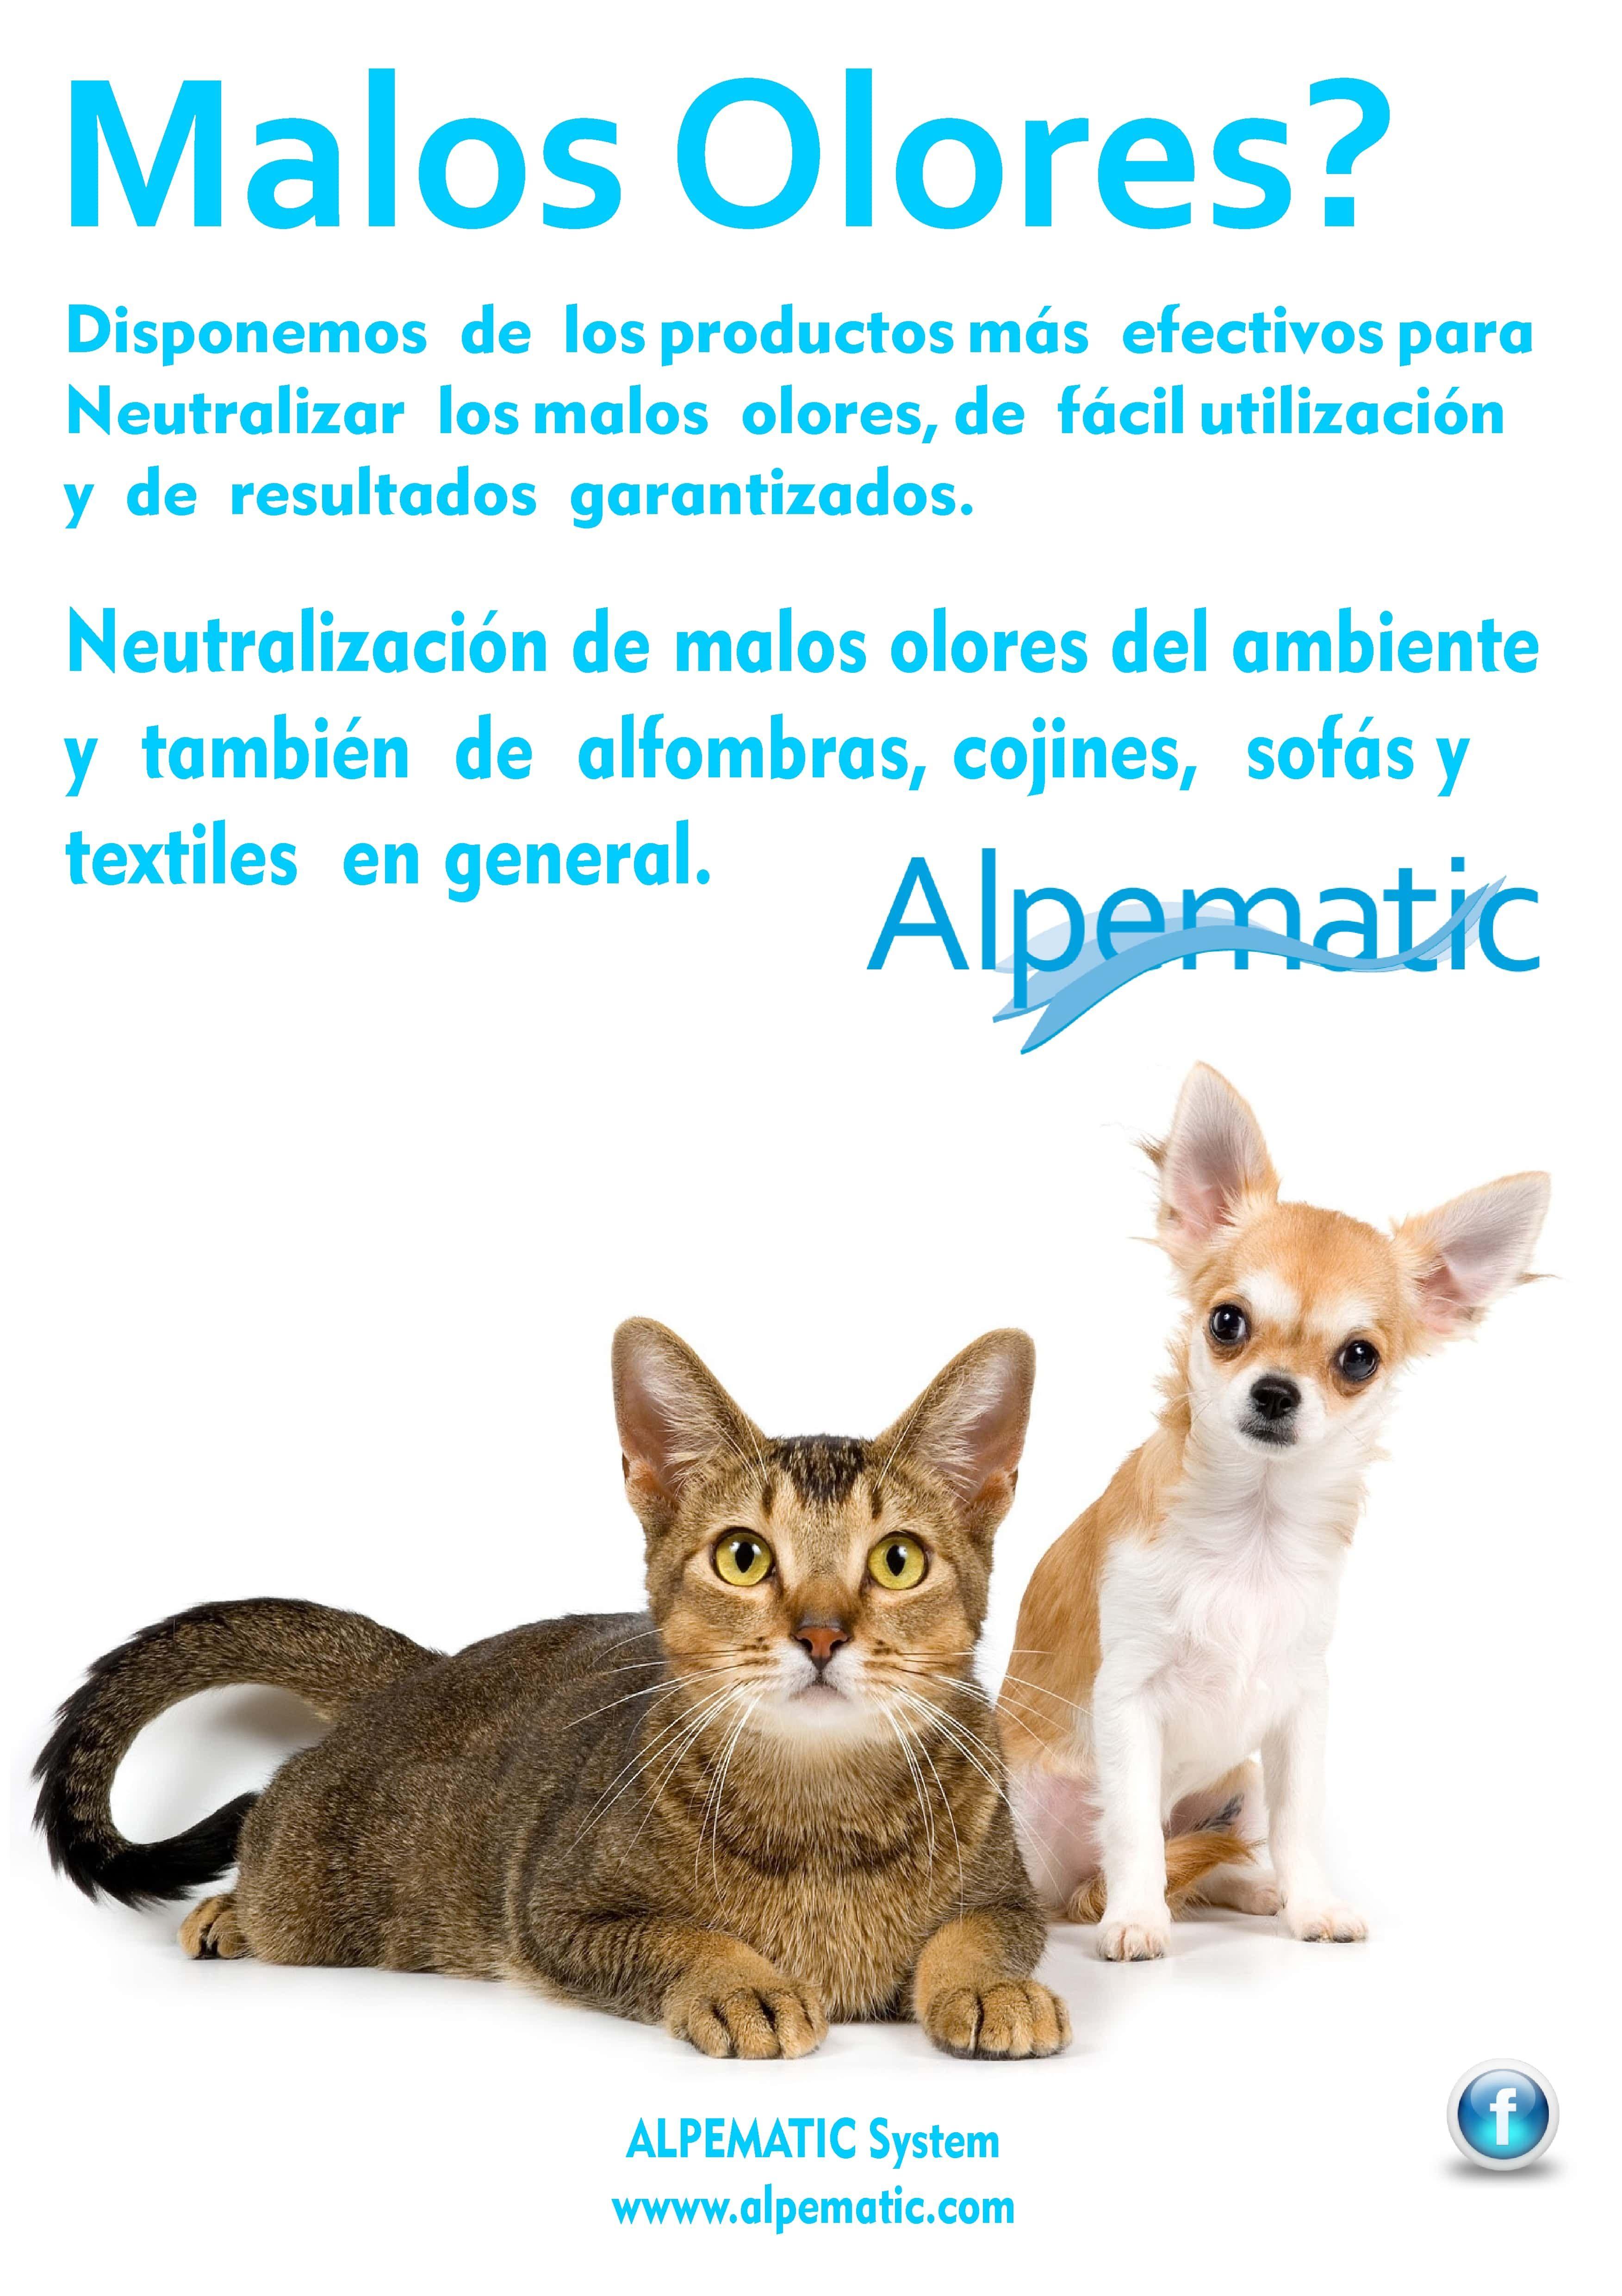 Alpematic